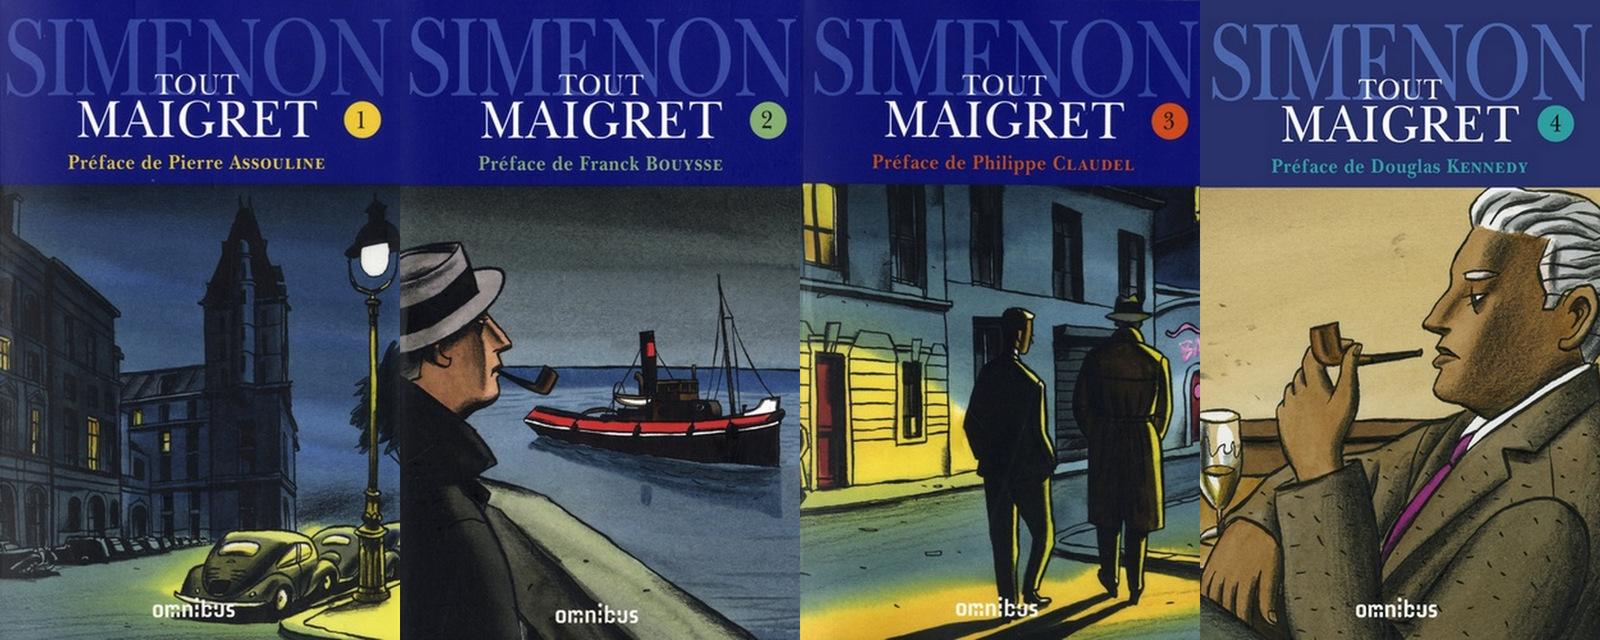 Simenon par Loustal – Tout Maigret 1-2-3-4  (Omnibus)